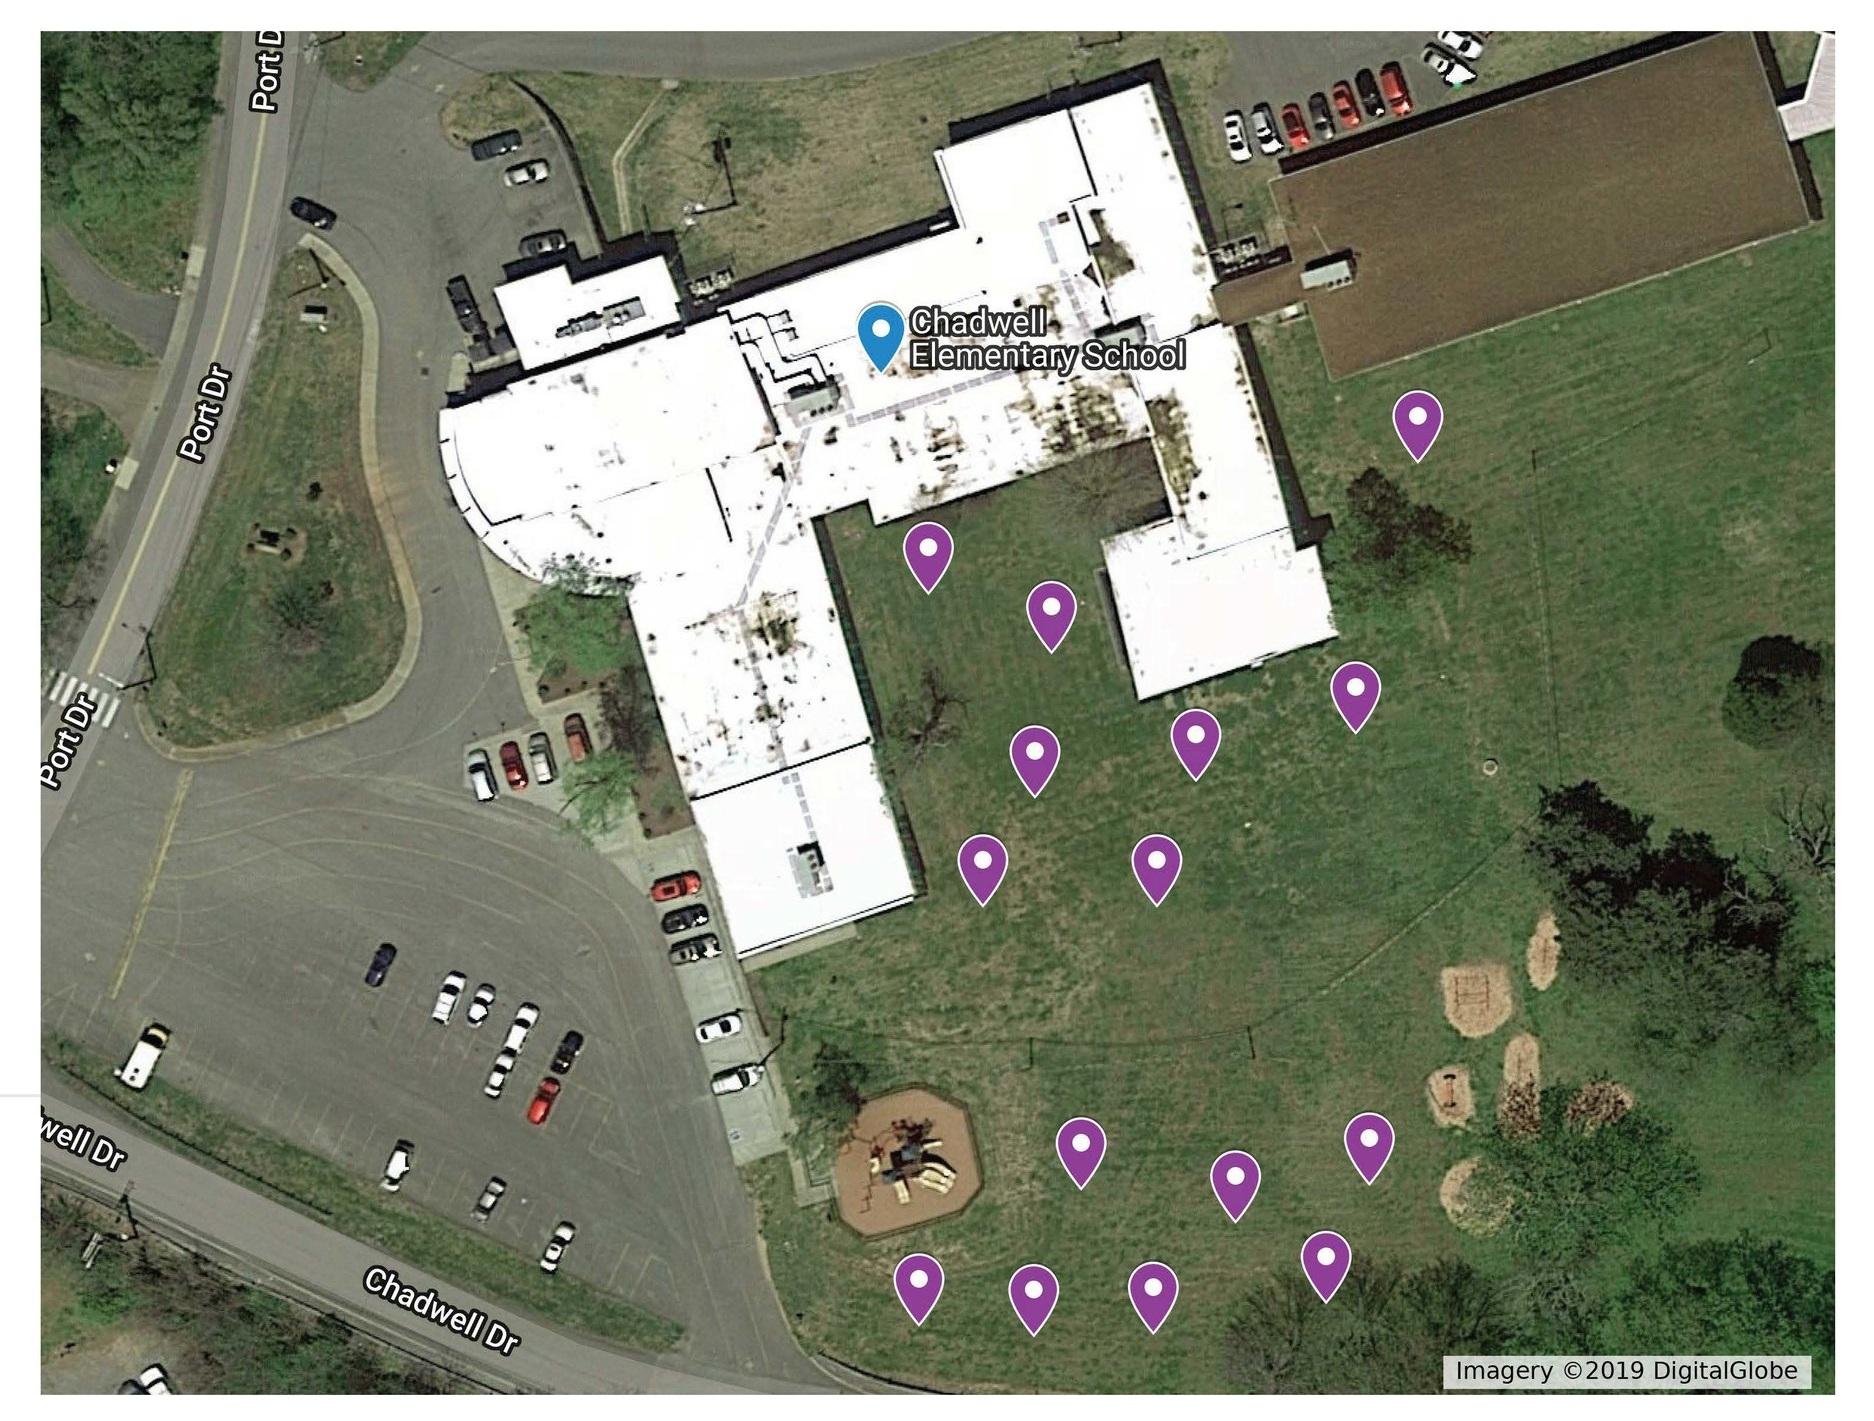 Chadwell Elementary School